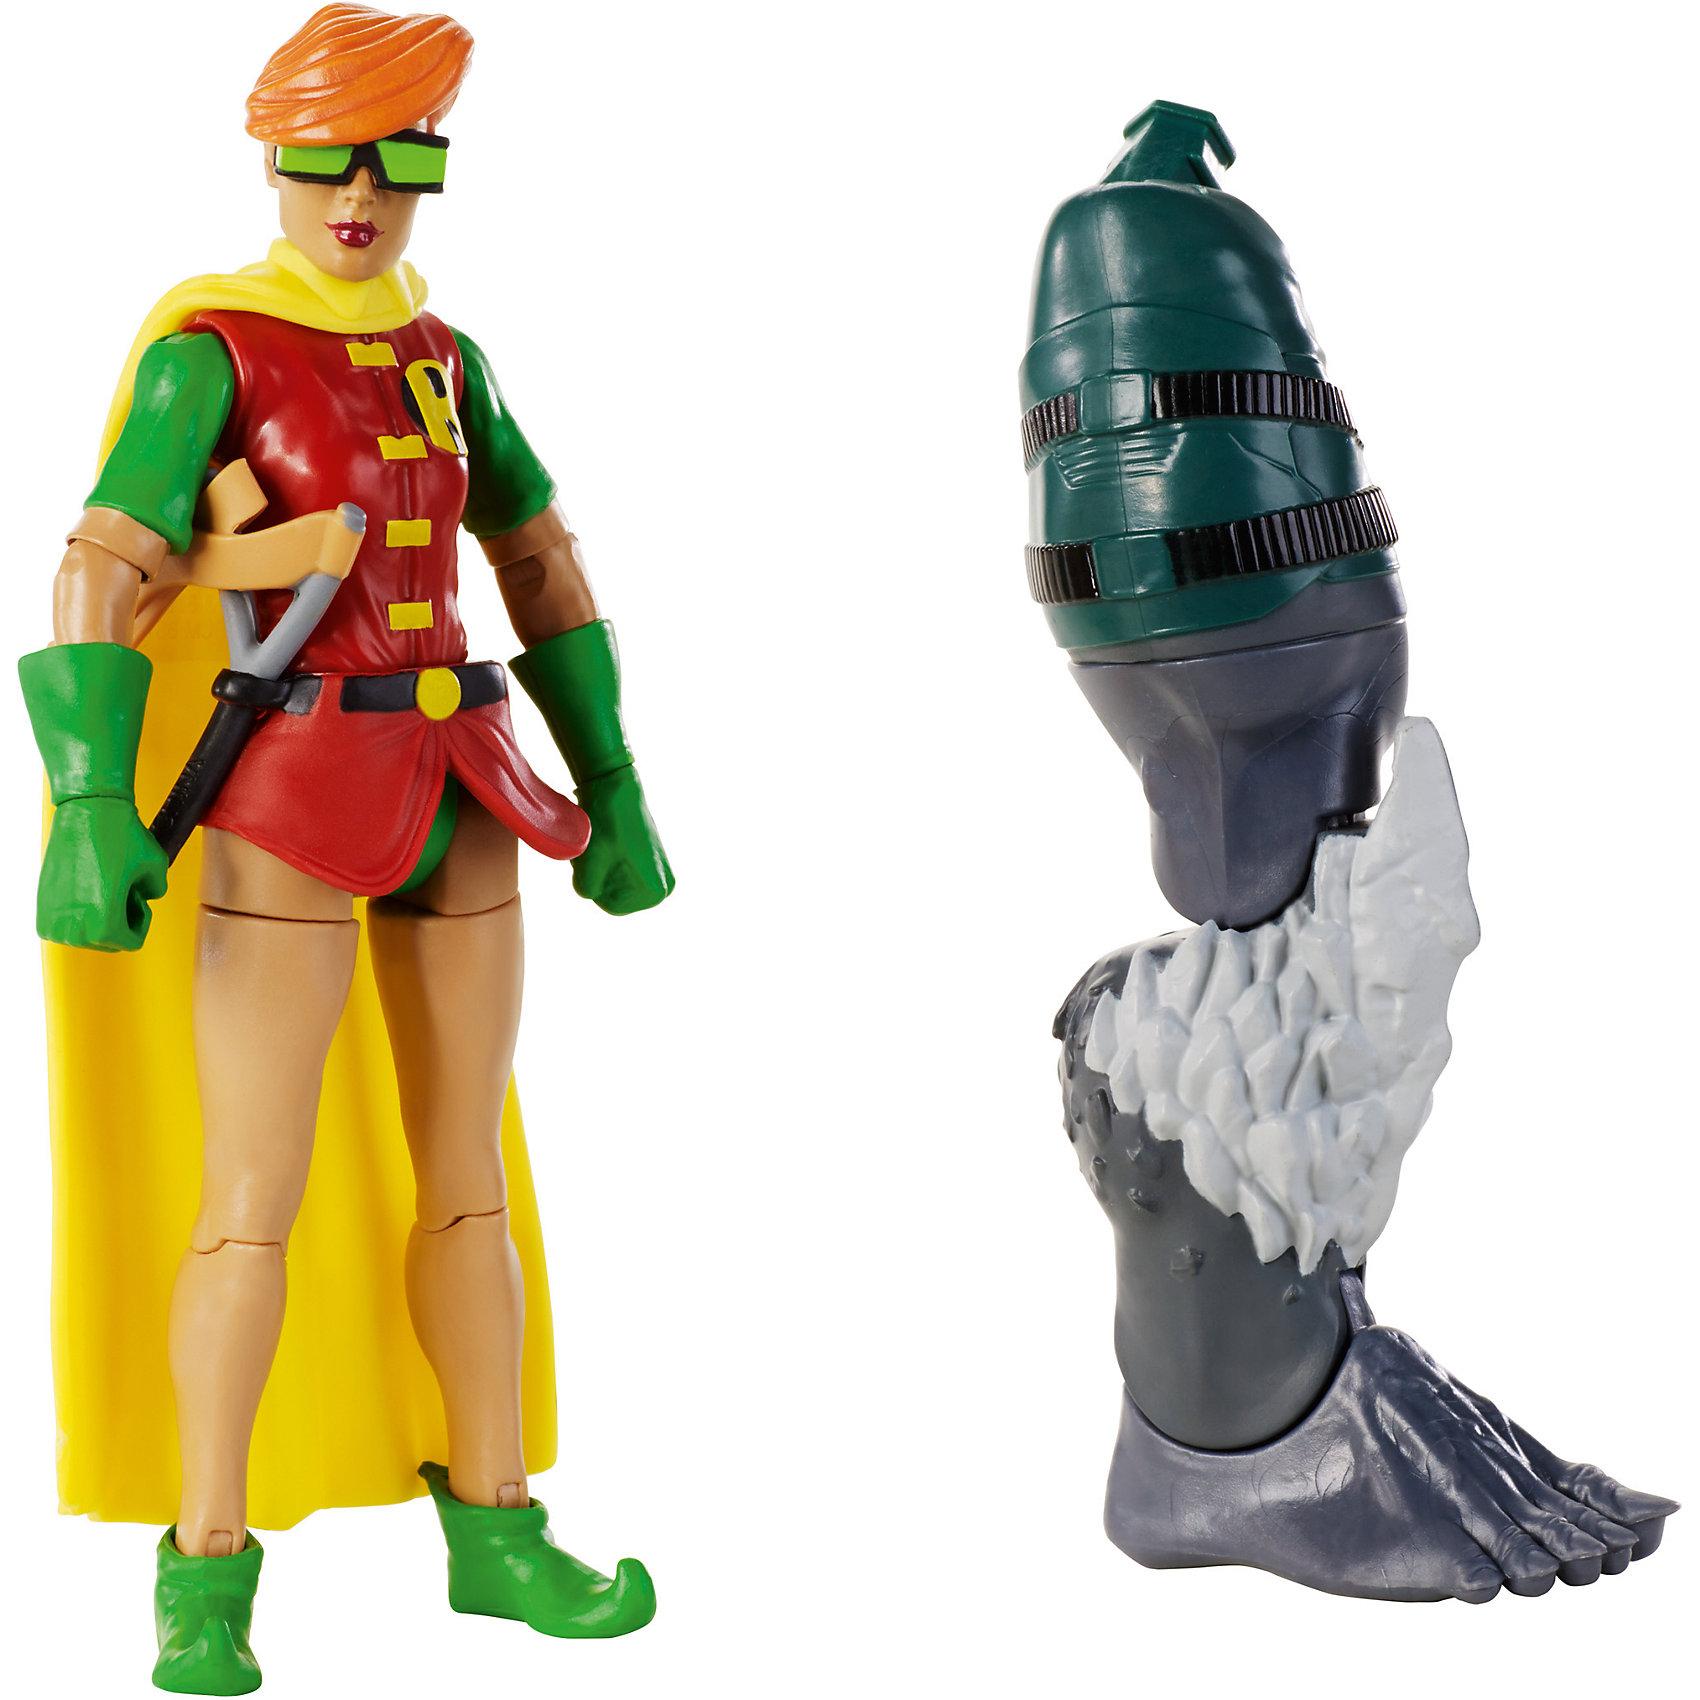 DC Comics: Робин из серии «Возращение тёмного рыцаря»Фигурка DC Comics: Робин из серии «Возвращение тёмного рыцаря» от известного американского бренда детских игрушек Mattel (Маттел). Эта специальная серия Вселенной DC Comics состоит из фигурок главных героев. Фигурка Робин выпущена в соответствии с комиксом о Бэтмене, где он является супер героем и борцом за справедливость, а Робин – его новая помощница. Девочке всего 13 лет, но она отлично справляется со злодеями. Хорошо выполненная пятнадцати сантиметровая фигурка Робин имеет восемнадцать точек артикуляции. Руки поворачиваются в плечах, гнутся в локтях и кистях, торс поворачивается, можно посадить фигурку на поперечный шпагат, ноги гнутся в коленях, также двигаются ступни. Плащ костюма Робин состоит из мягкого пластика и гнется, позволяя фигурке двигаться. Насыщенные цвета и отличная детализация фигурки придет по вкусу как фанатам фильмов, так и фанатам супер героев и комиксов.<br>Дополнительная информация:<br><br>- В набор входит: фигурка, декоративная рогатка, правая нога Думсдея<br>- Состав: пластик<br>- Размер: около 10 см. <br><br>Фигурку DC Comics: Робин из серии «Возвращение тёмного рыцаря» можно купить в нашем интернет-магазине.<br><br>Ширина мм: 55<br>Глубина мм: 150<br>Высота мм: 265<br>Вес г: 252<br>Возраст от месяцев: 48<br>Возраст до месяцев: 120<br>Пол: Мужской<br>Возраст: Детский<br>SKU: 5032899